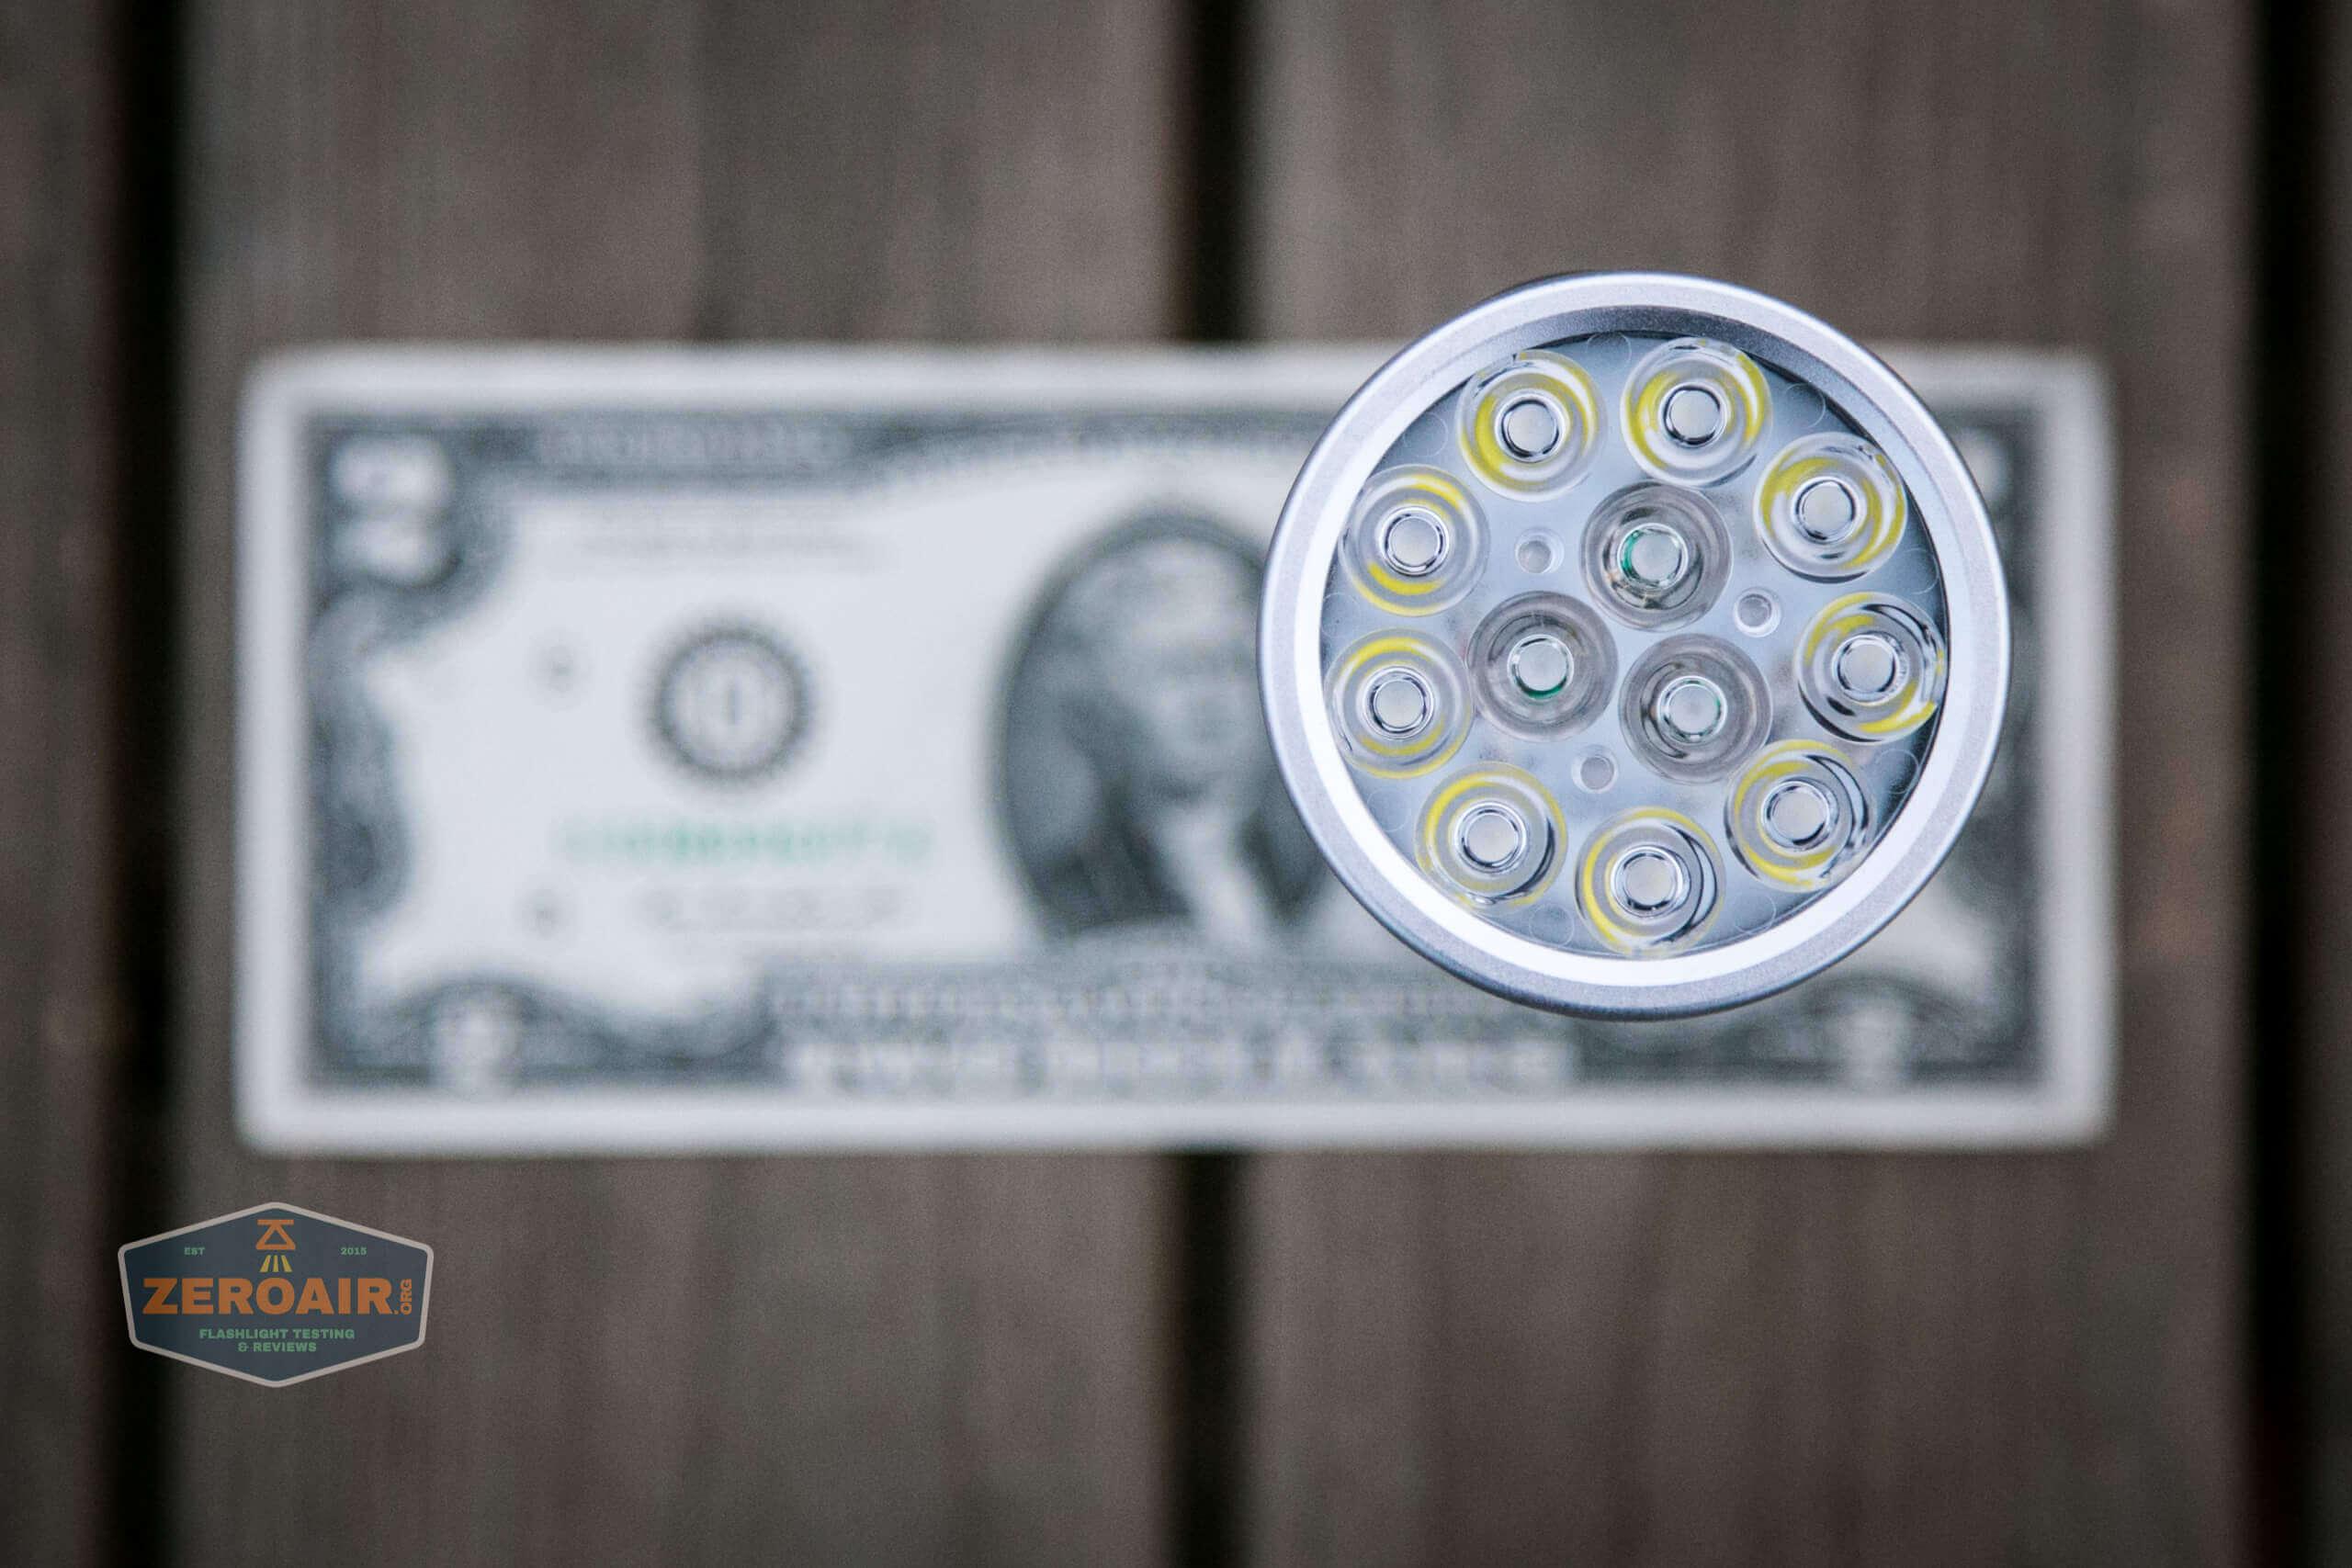 nitebeam x12uv flashlight on two dollar bill